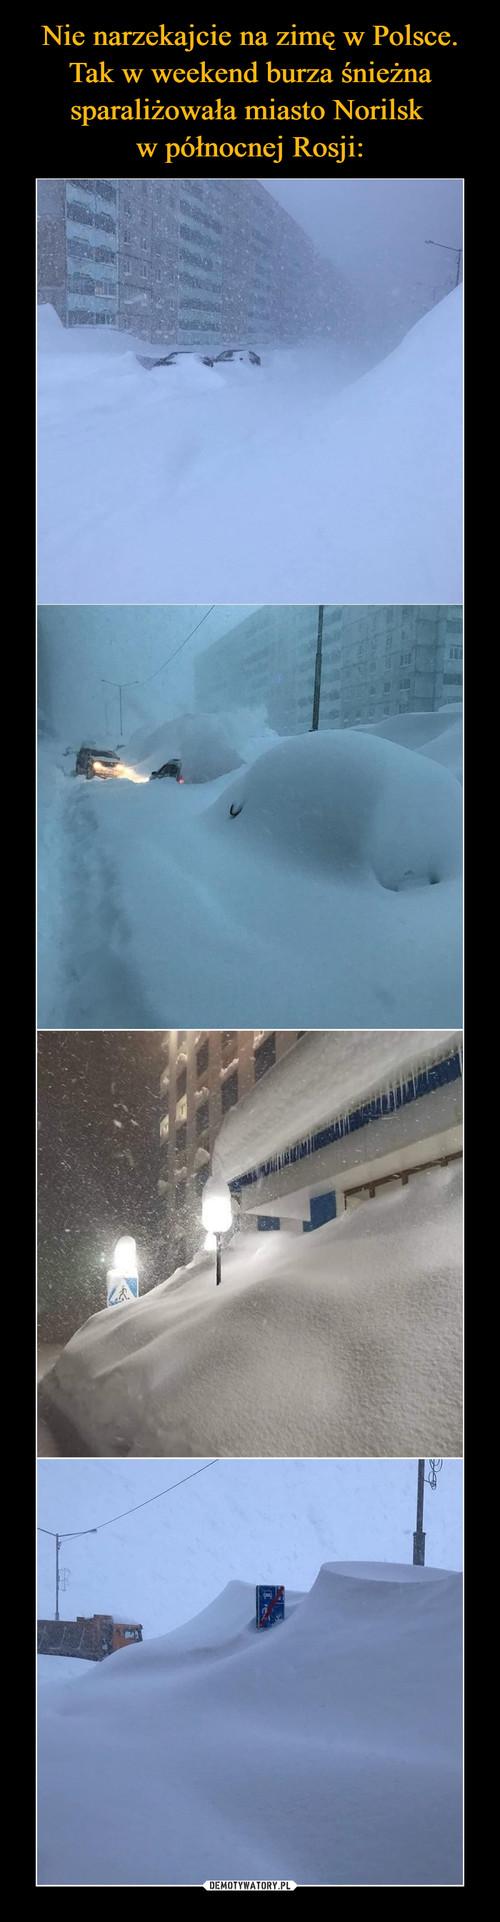 Nie narzekajcie na zimę w Polsce. Tak w weekend burza śnieżna sparaliżowała miasto Norilsk  w północnej Rosji: